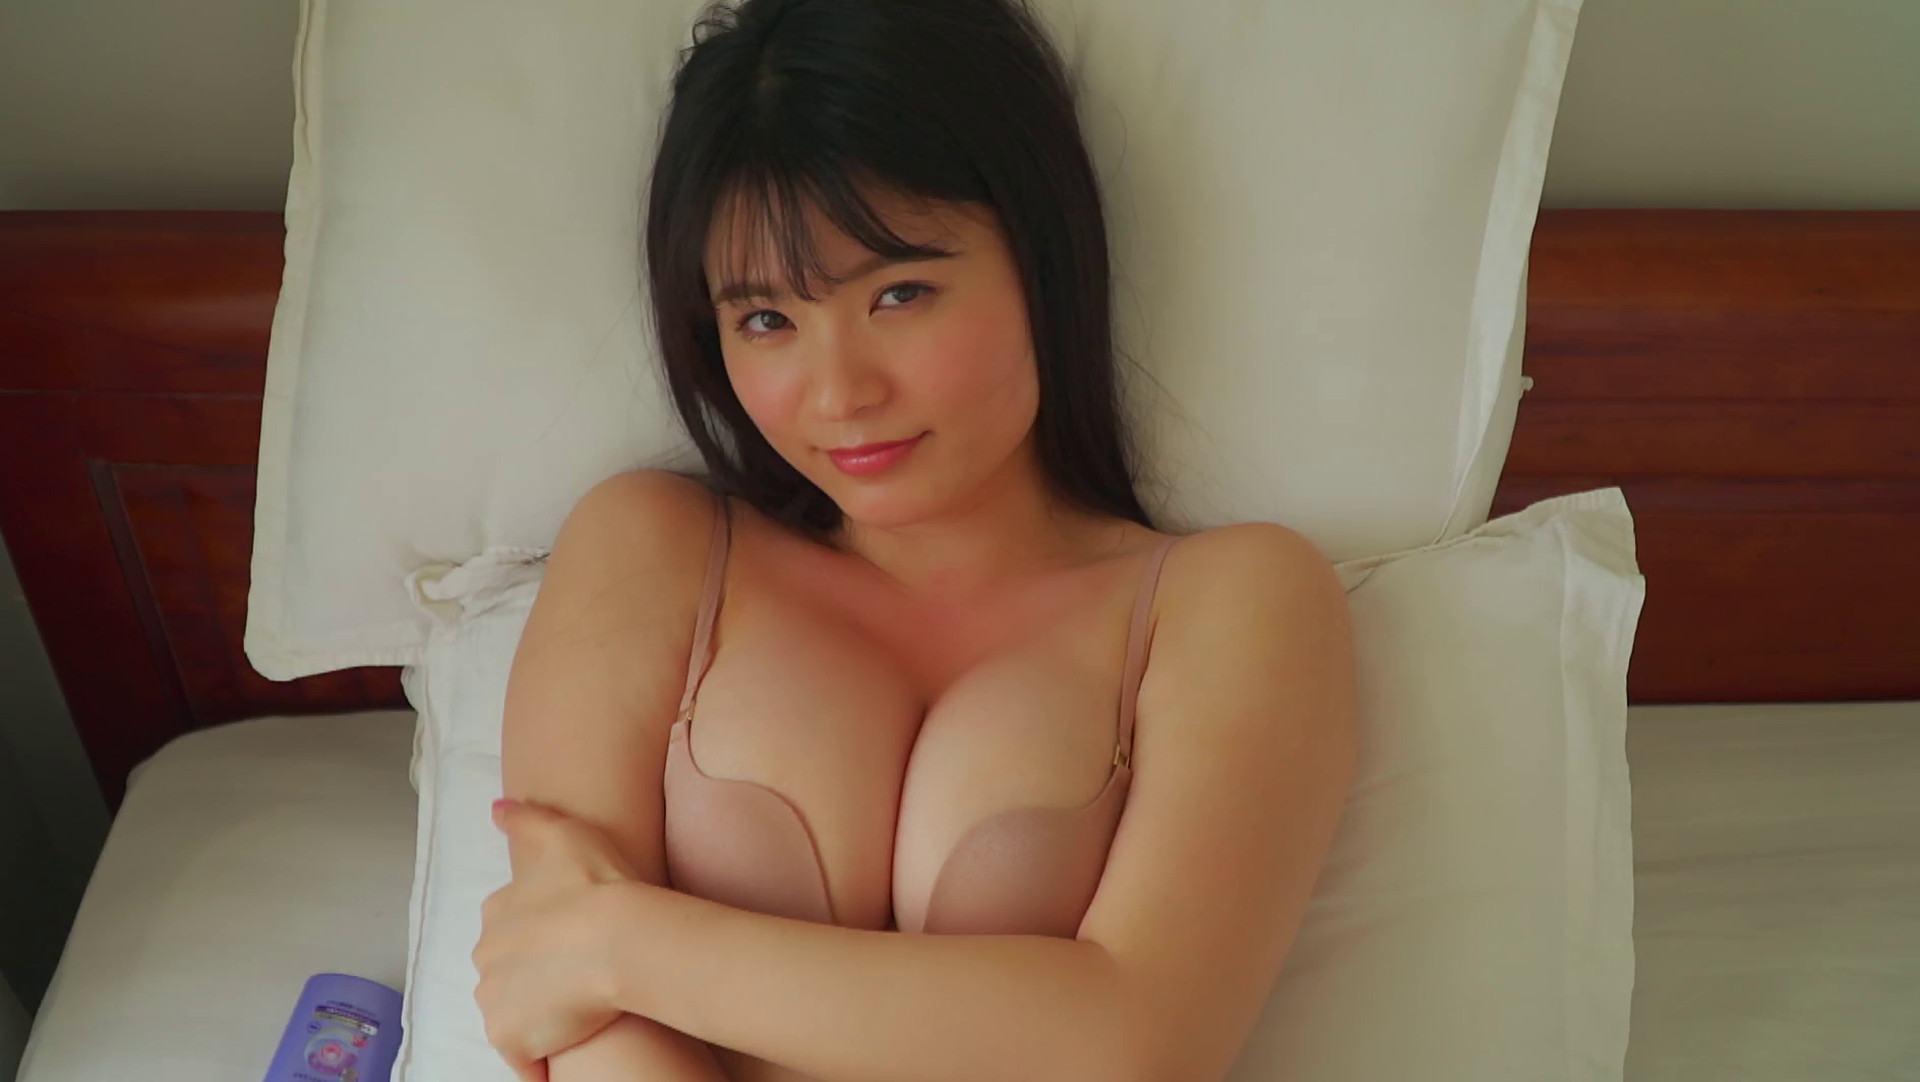 グラドルの星名美津紀ちゃんが3月発売の新作イメビでセクシーポーズをして巨乳谷間を披露している画像